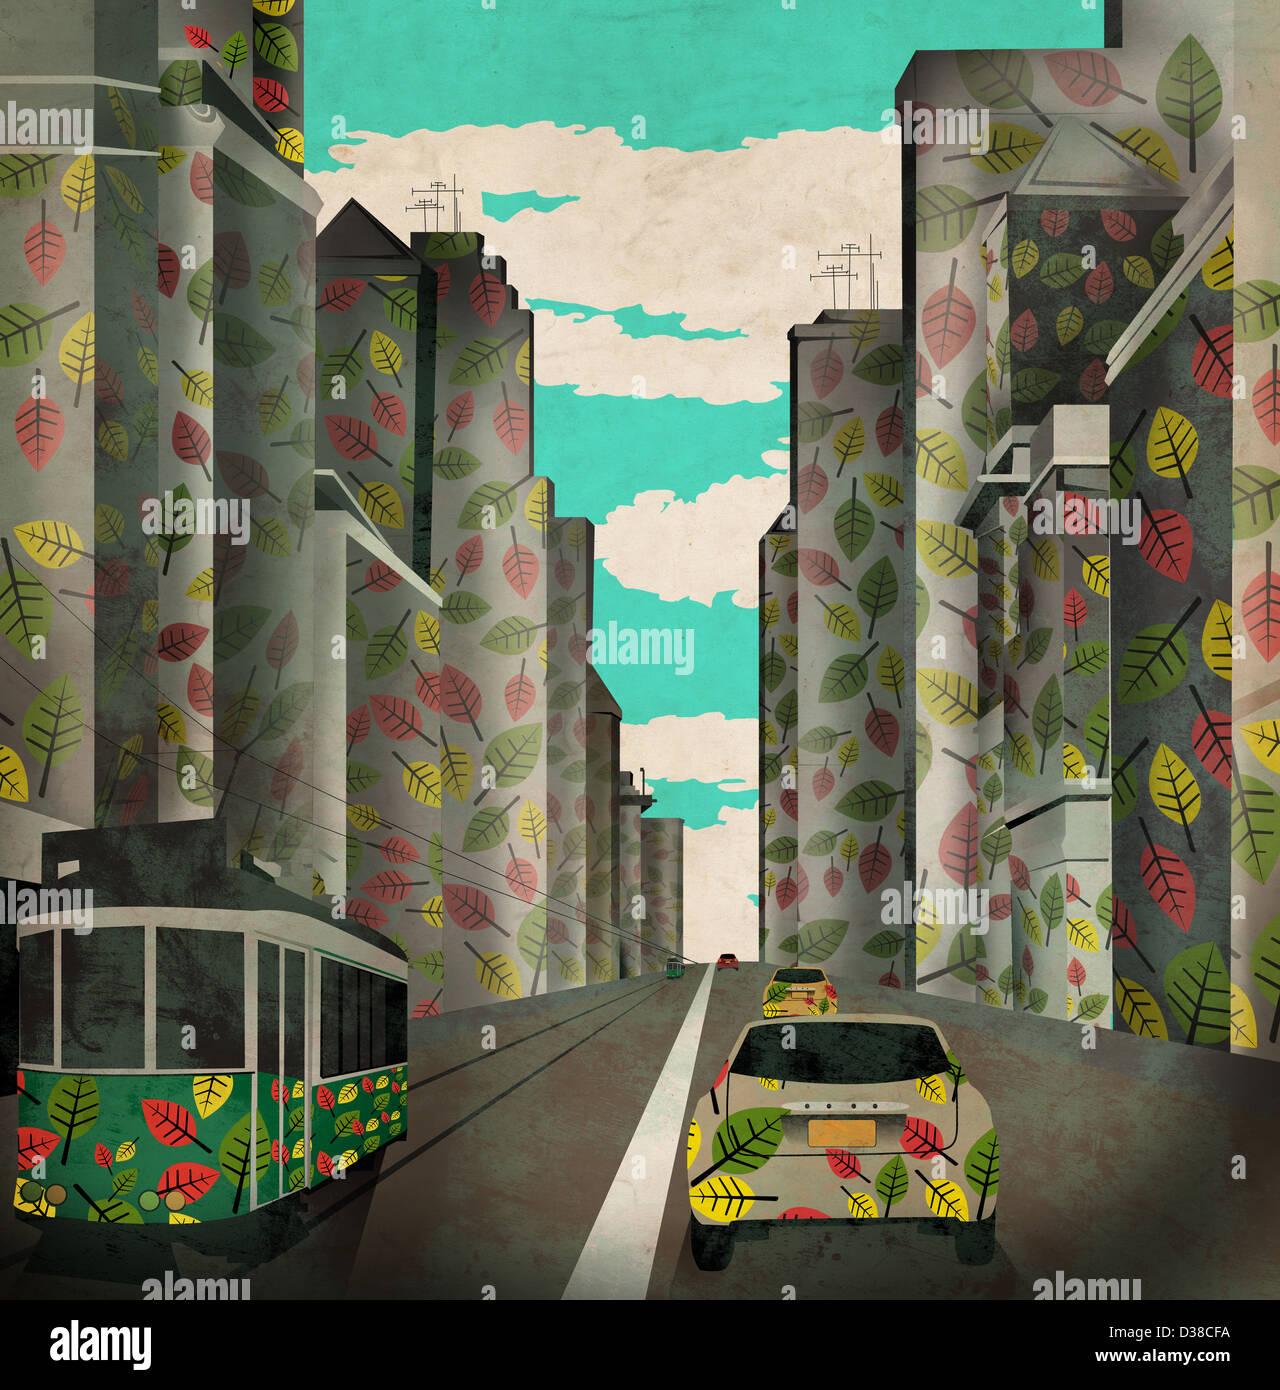 Imagen ilustrativa de los vehículos y edificios con hojas que representa el diseño de eco city Imagen De Stock